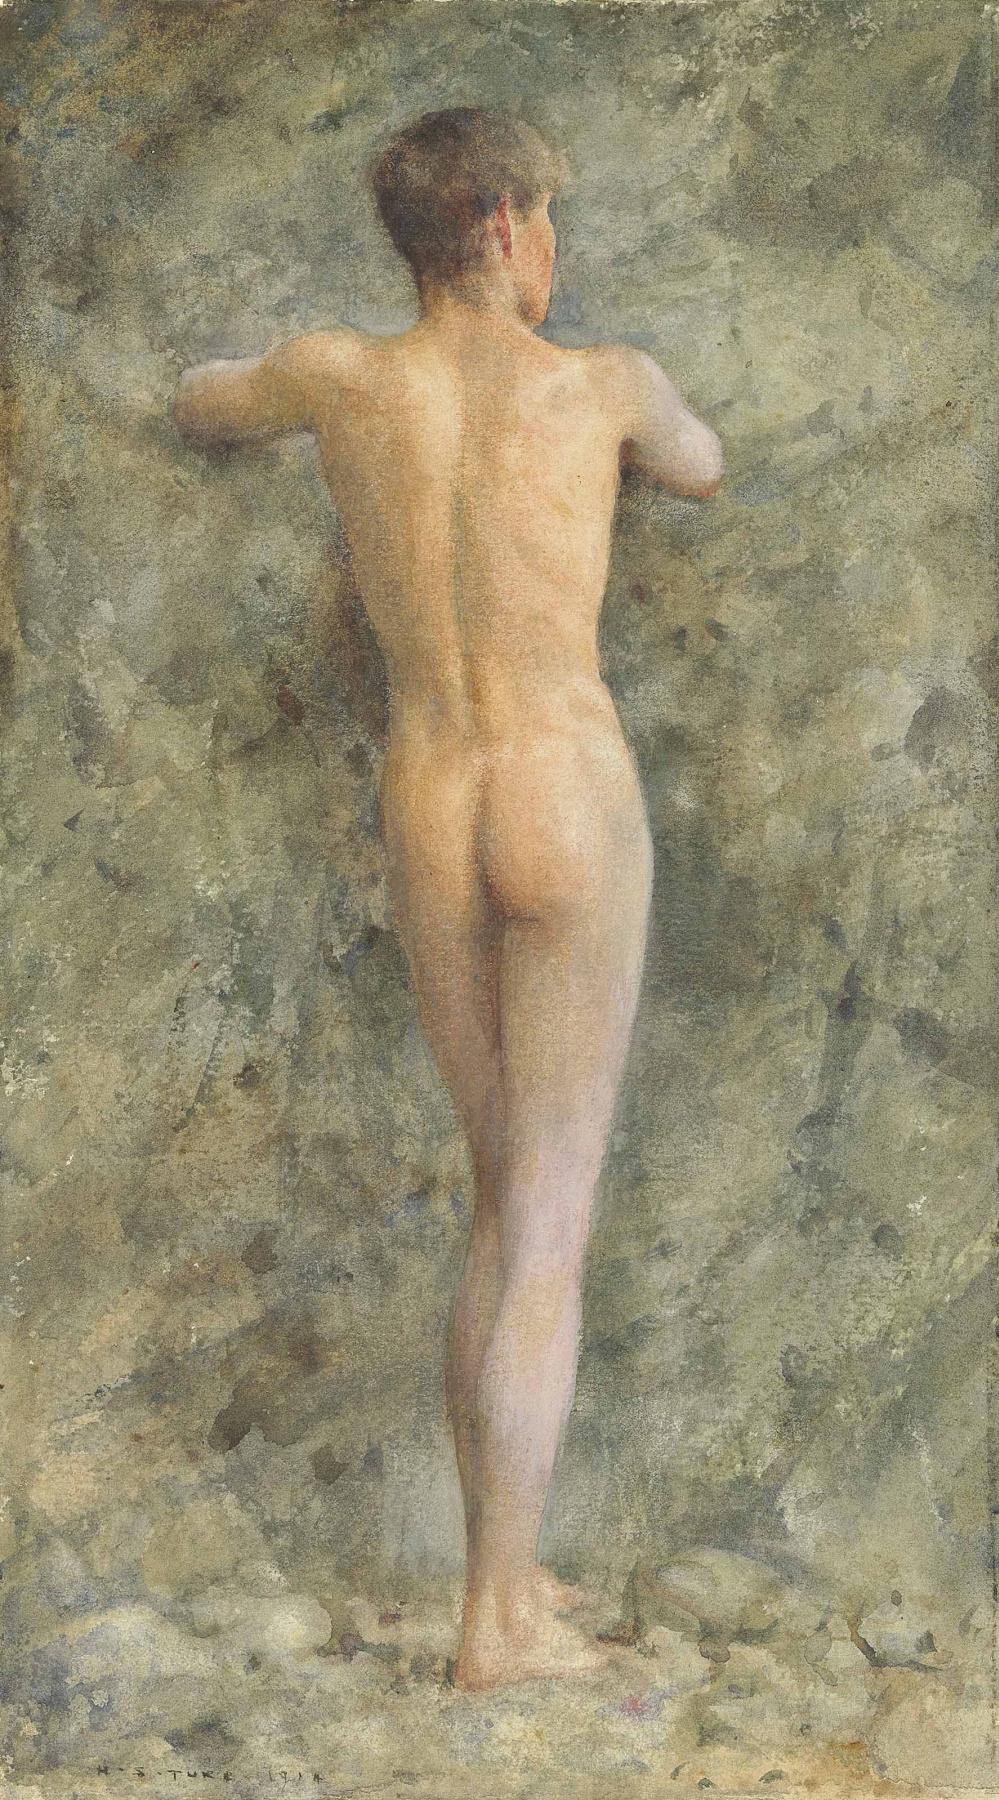 Tuke Henry Scott. 1858-1929. A standing male nude, 1914